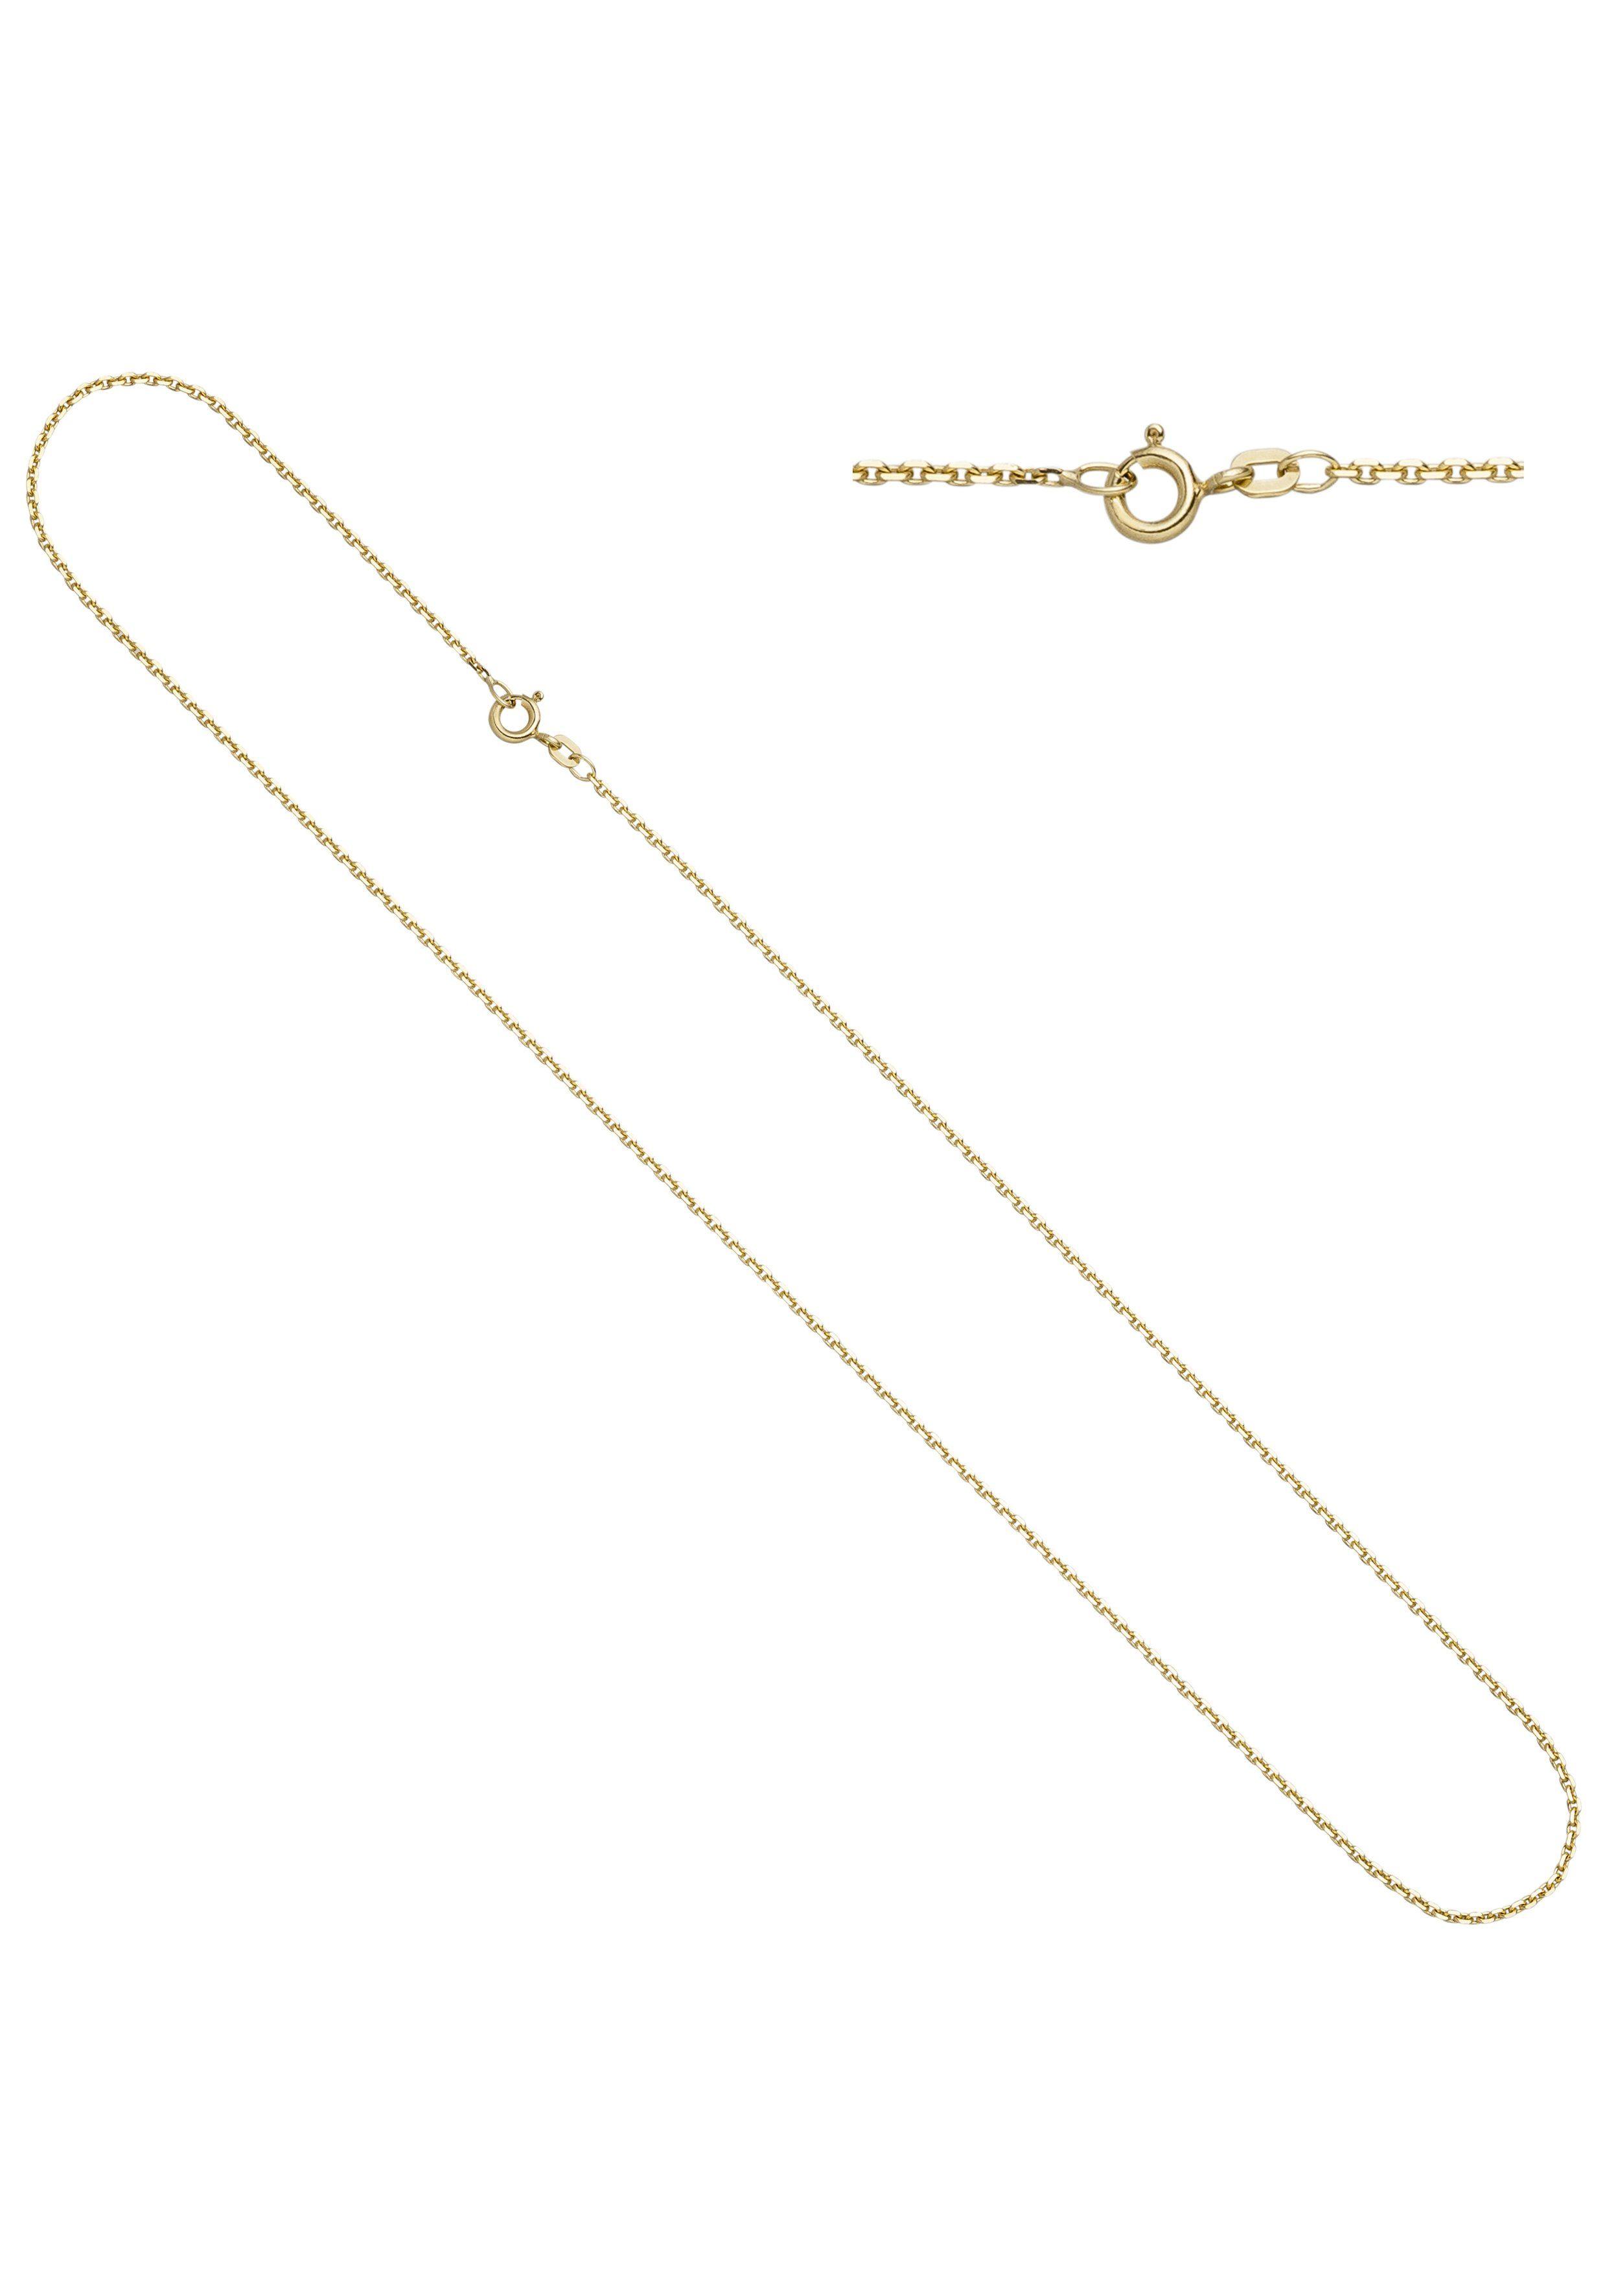 JOBO Goldkette Ankerkette 585 Gold 36 cm 1,2 mm